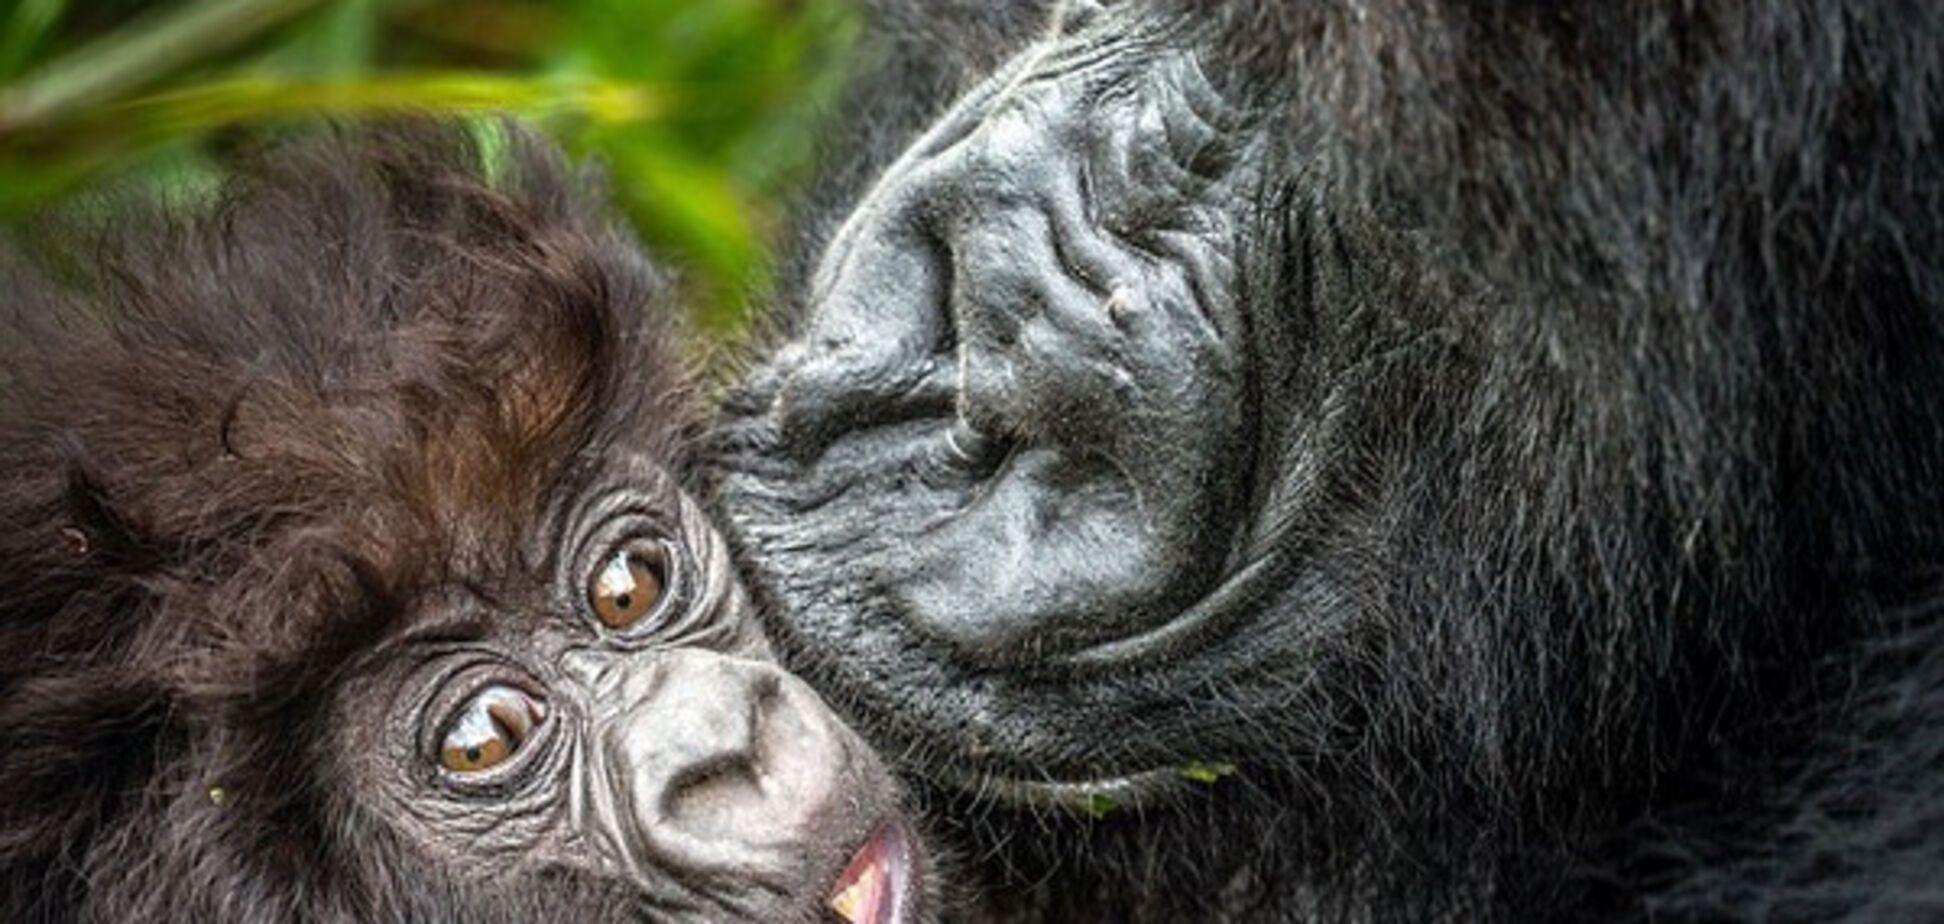 горила-мама с нежностью цедует малыша